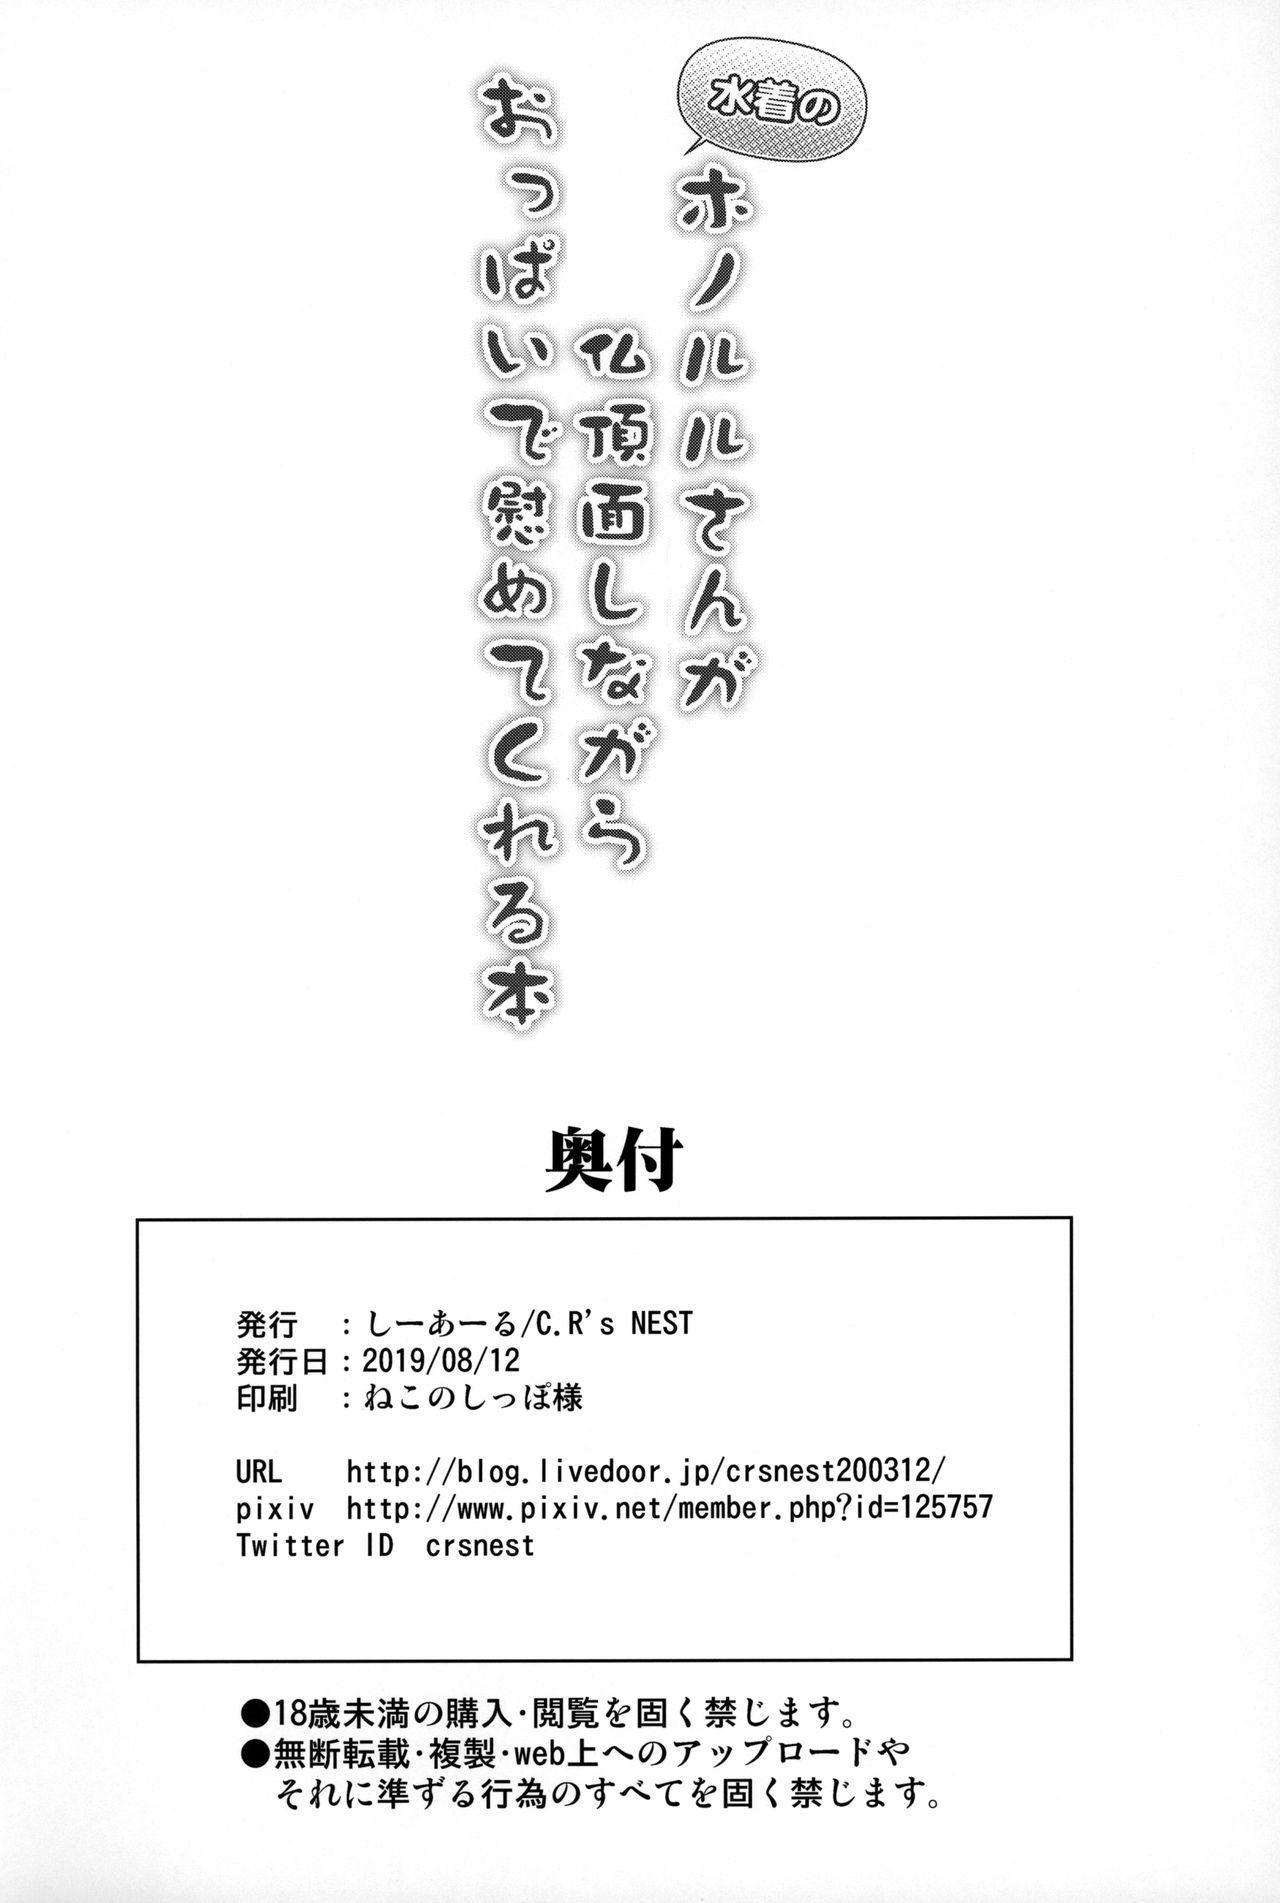 Mizugi no Honolulu-san ga Bucchouzura Shinagara Oppai de Nagusamete Kureru Hon 20